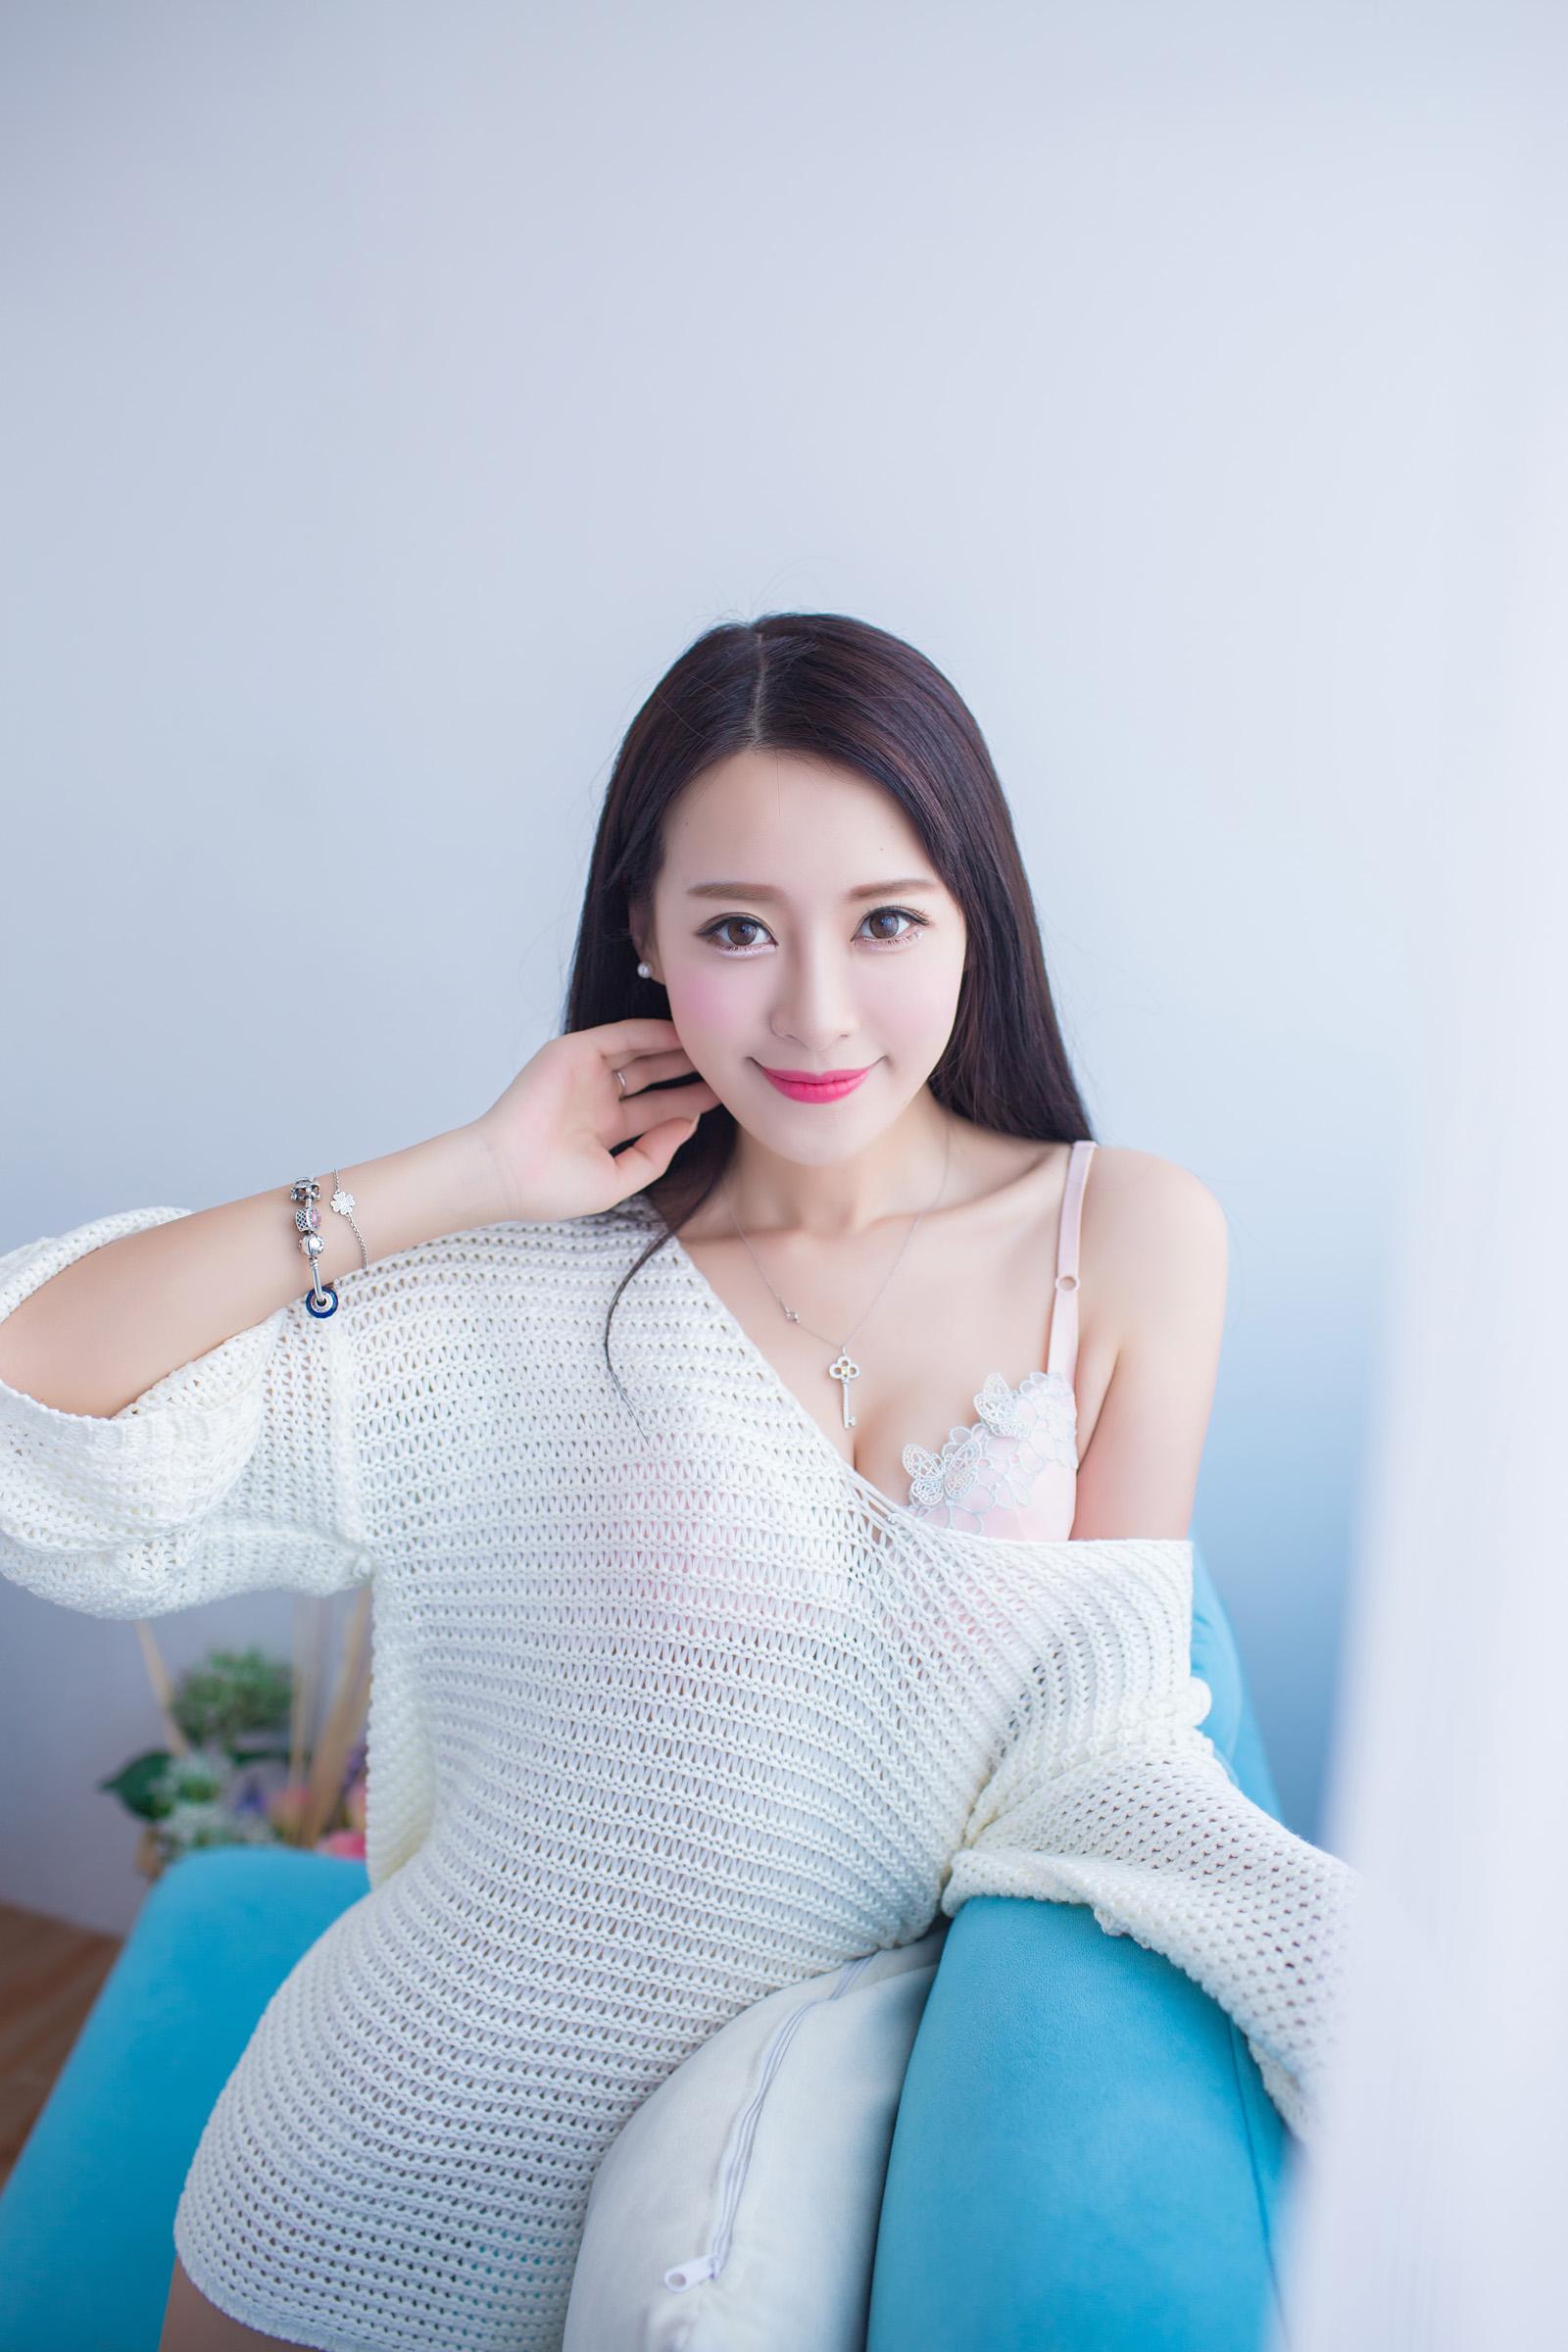 王曼妮 - 1505147909 - 太阳的博客